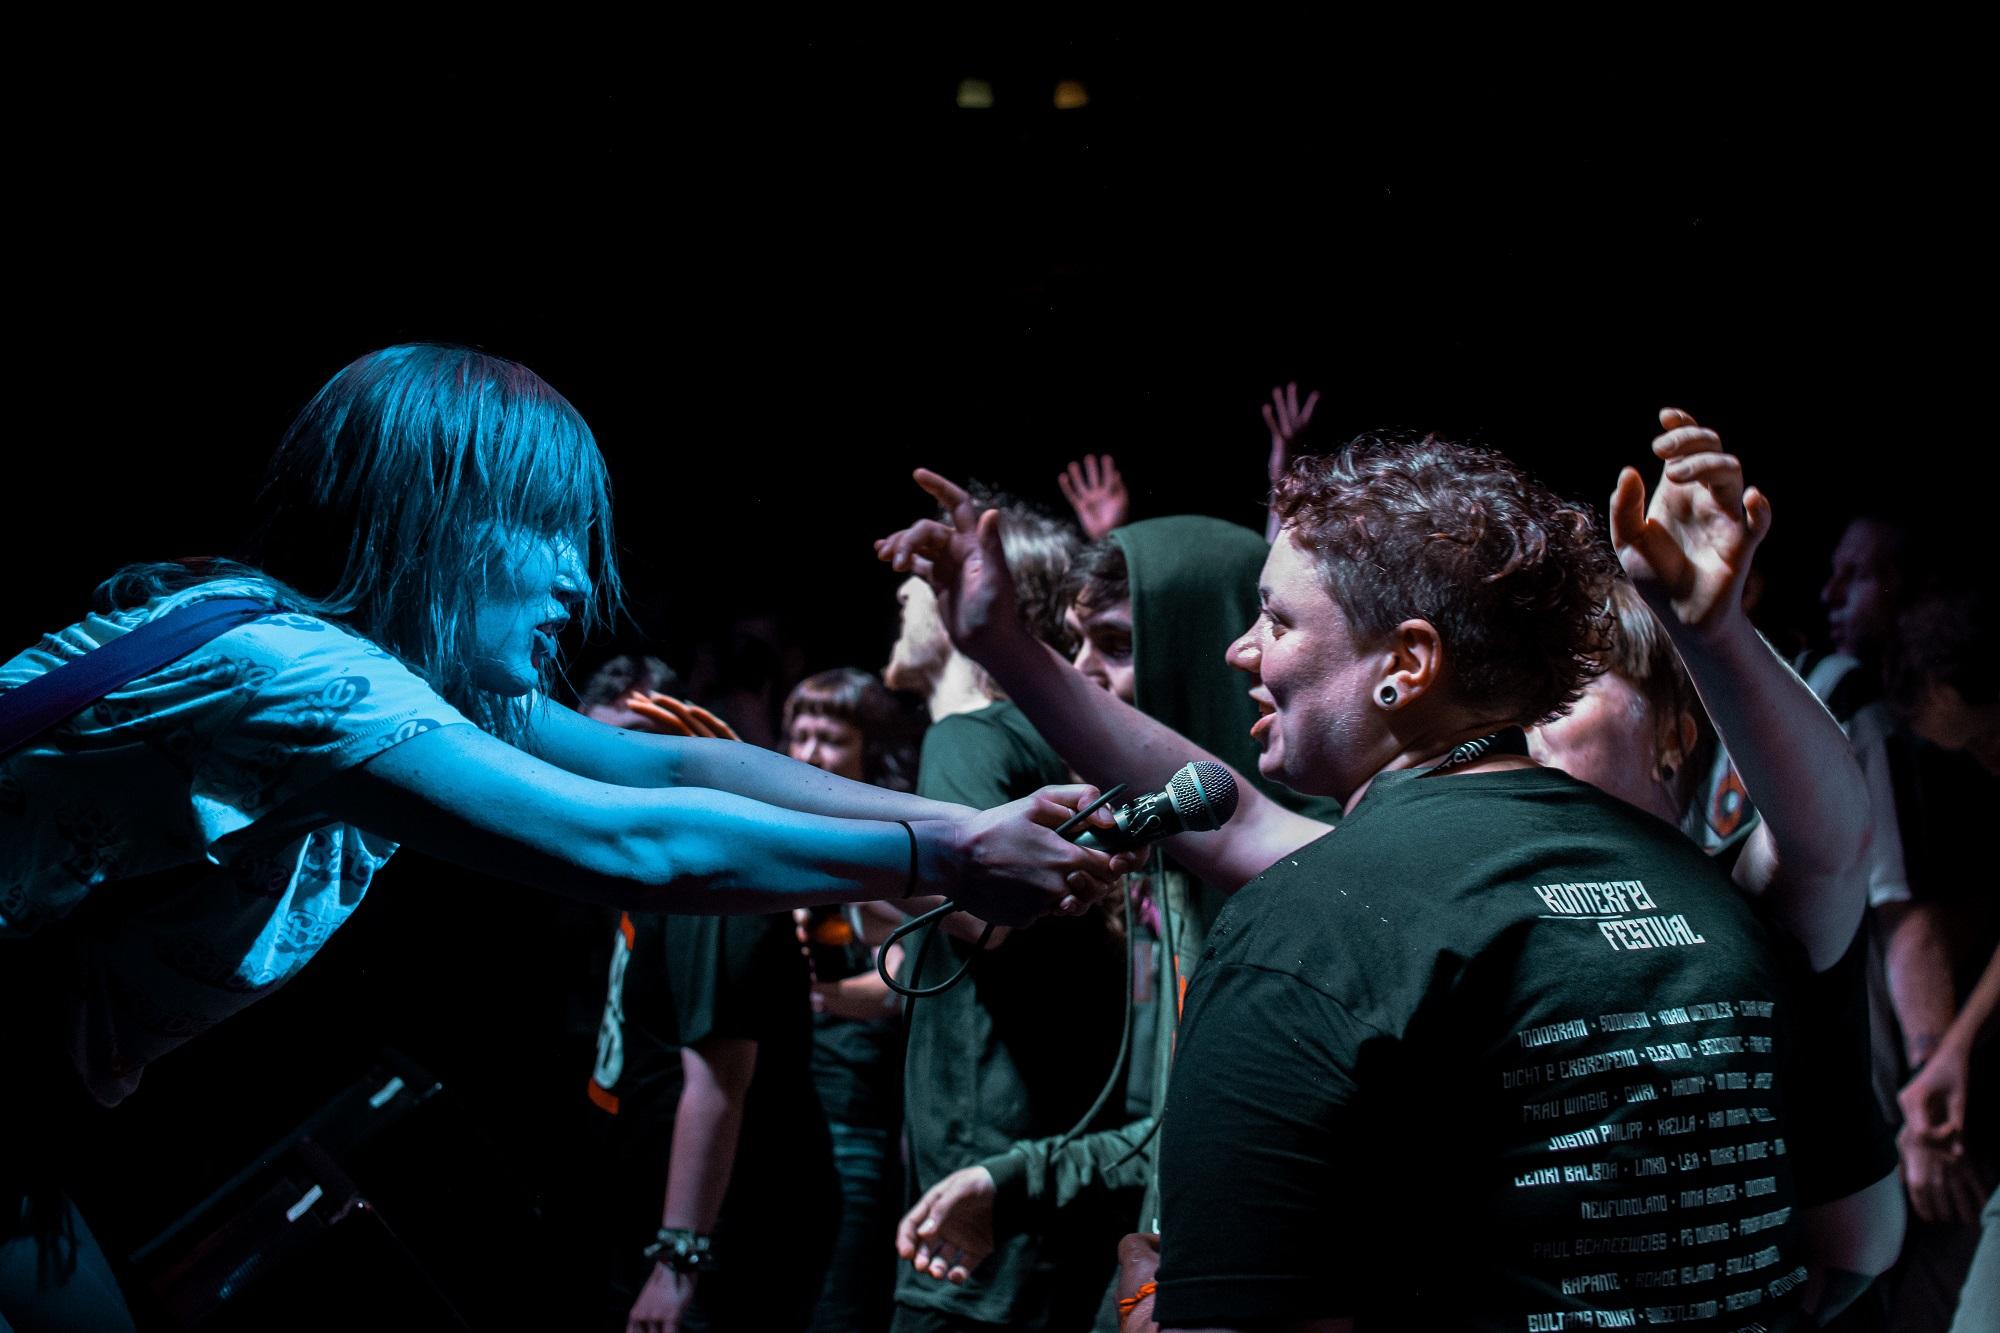 Sängerin hält einer Zuschauerin das Mikro entgegen